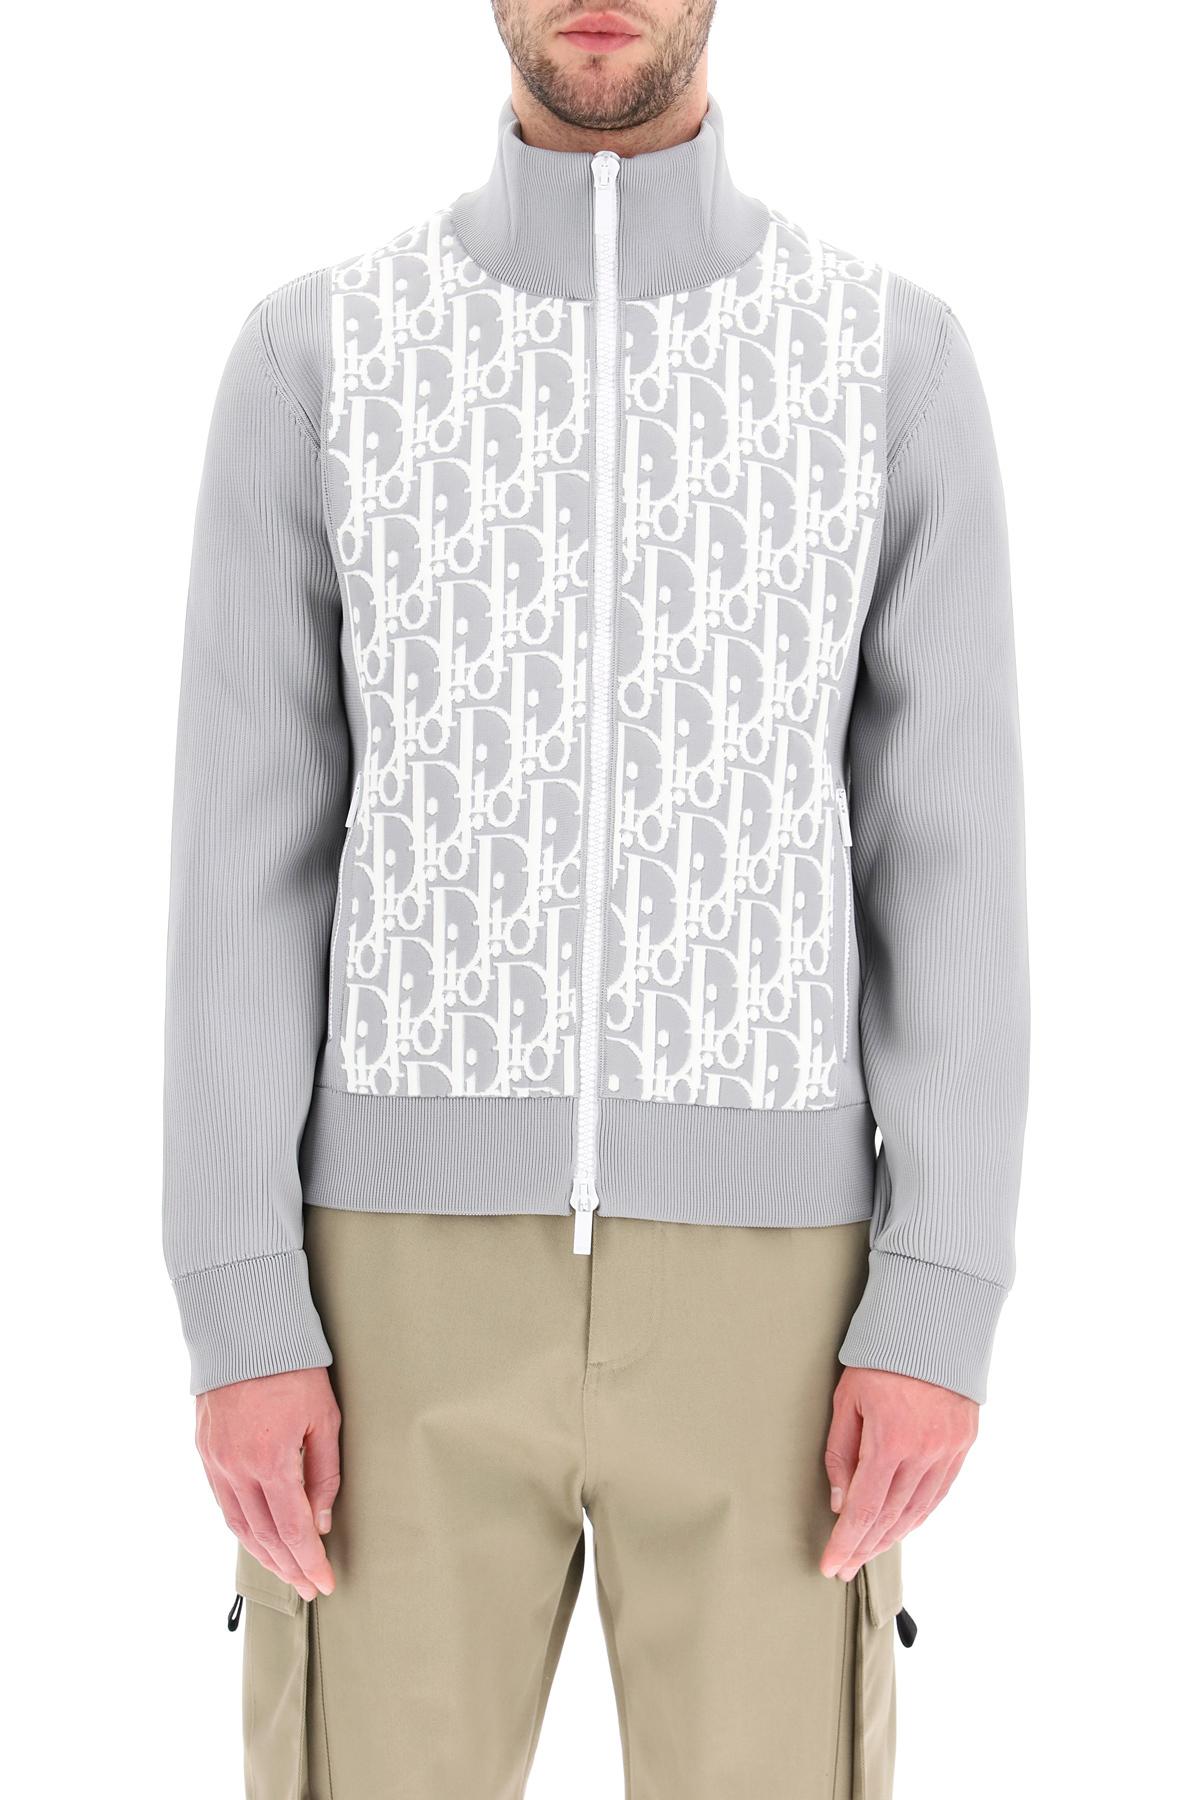 Dior giacca sportiva dior oblique